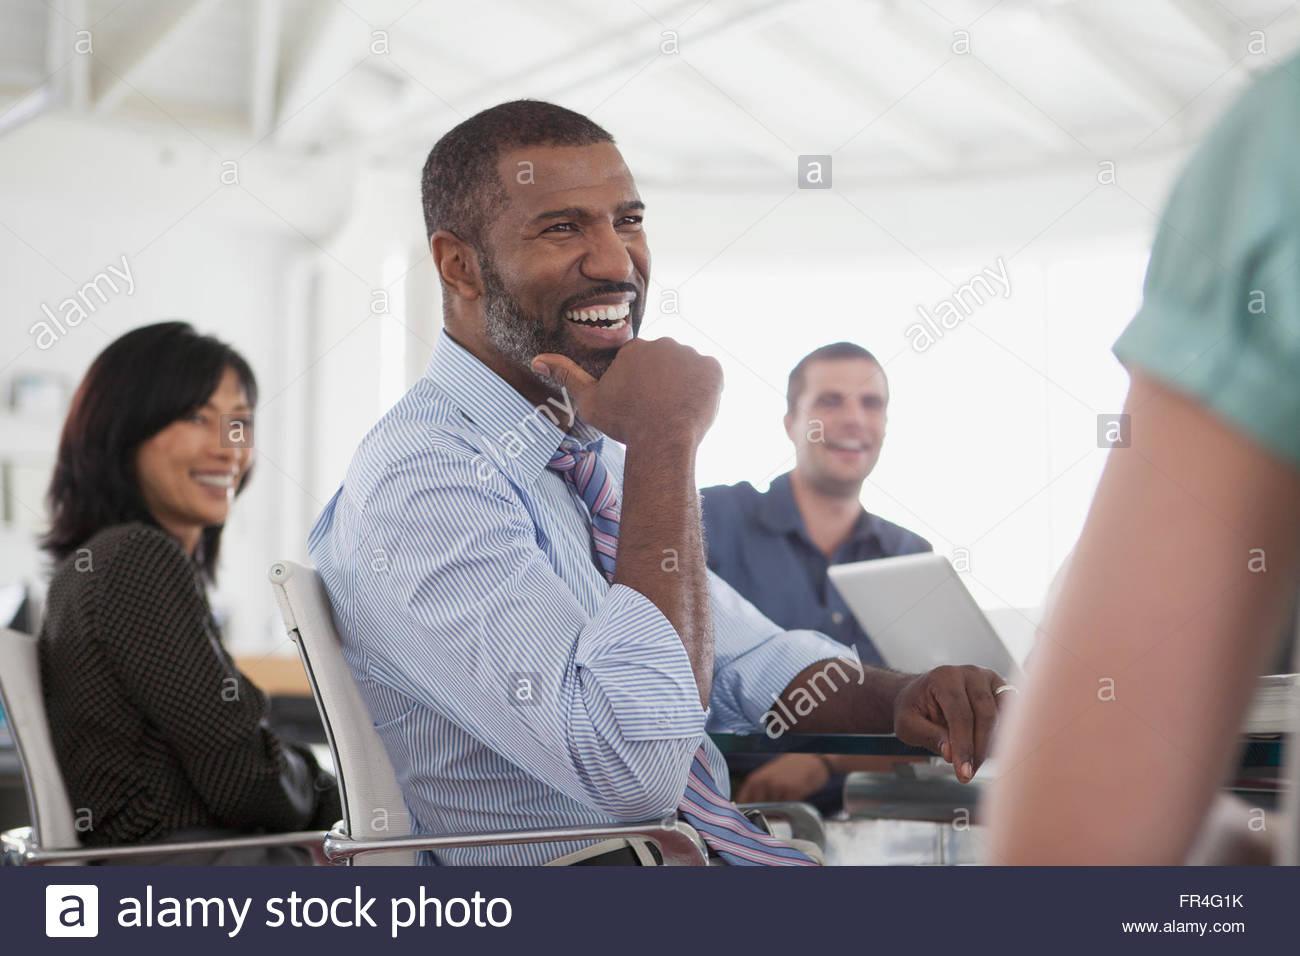 Attractive middle aged businessman ayant un rire au cours d'une réunion Banque D'Images